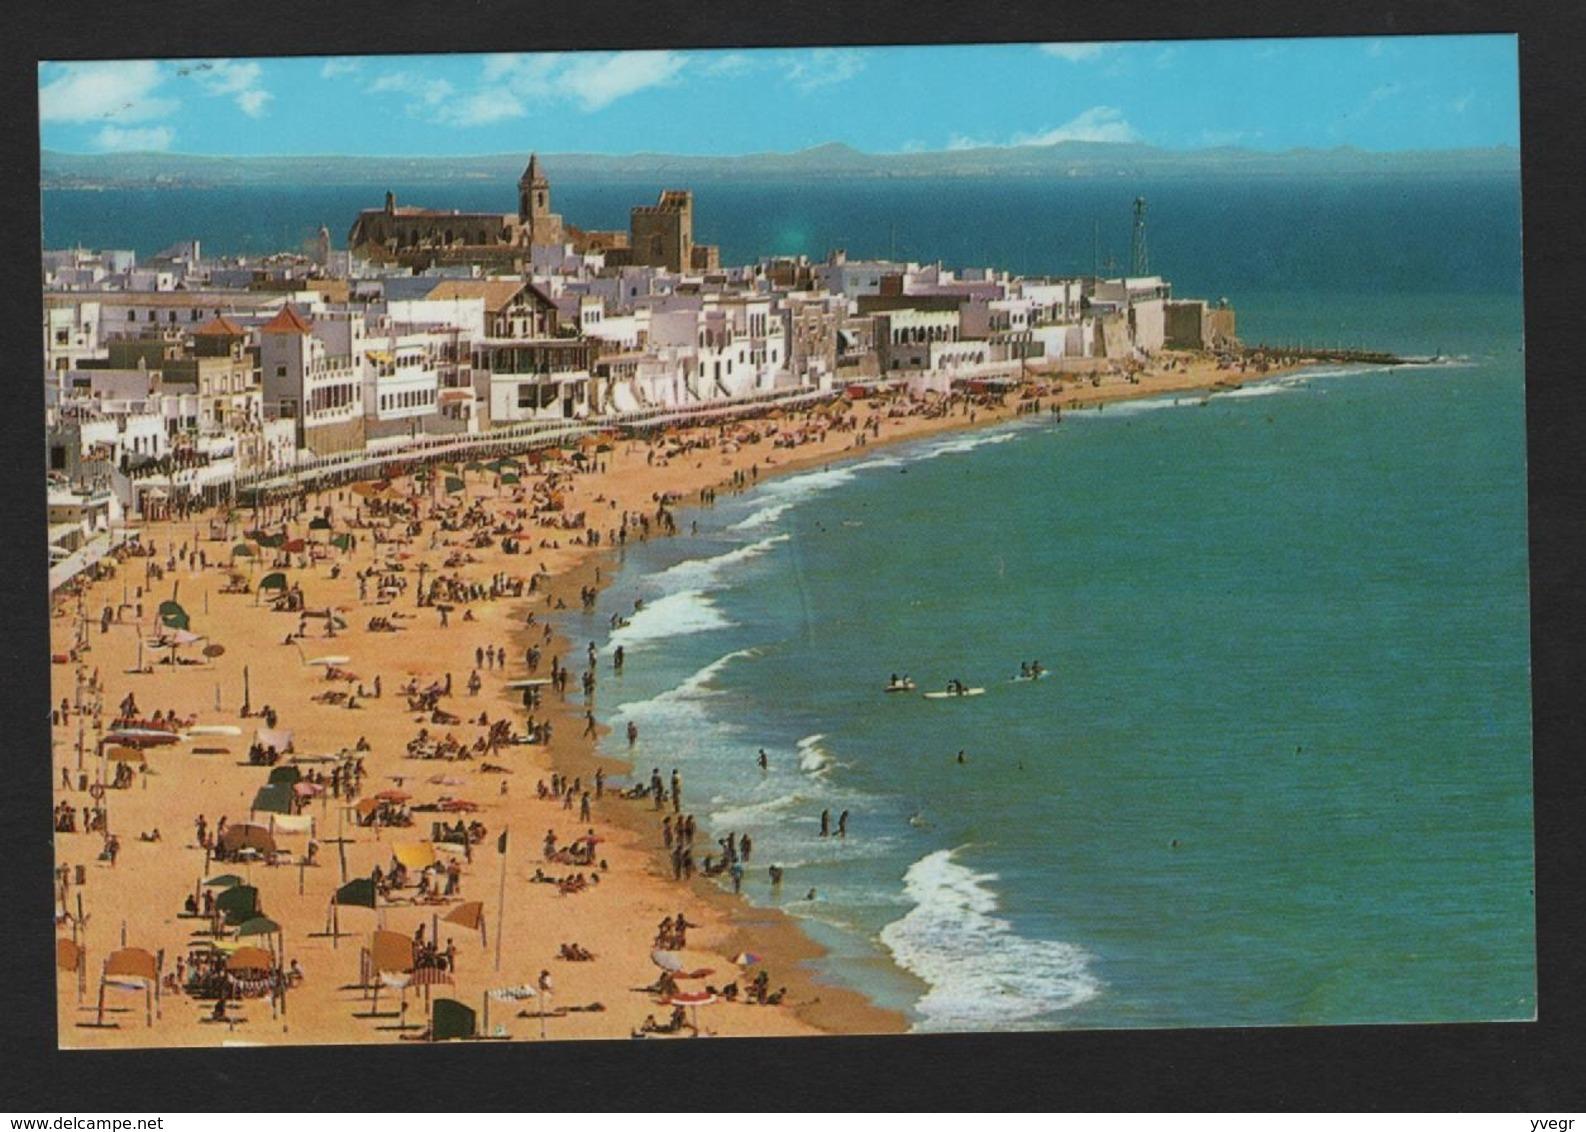 Espagne - N°31 - ROTA - Costa De La Luz  Playa De La Costilla - Plage - Spagna